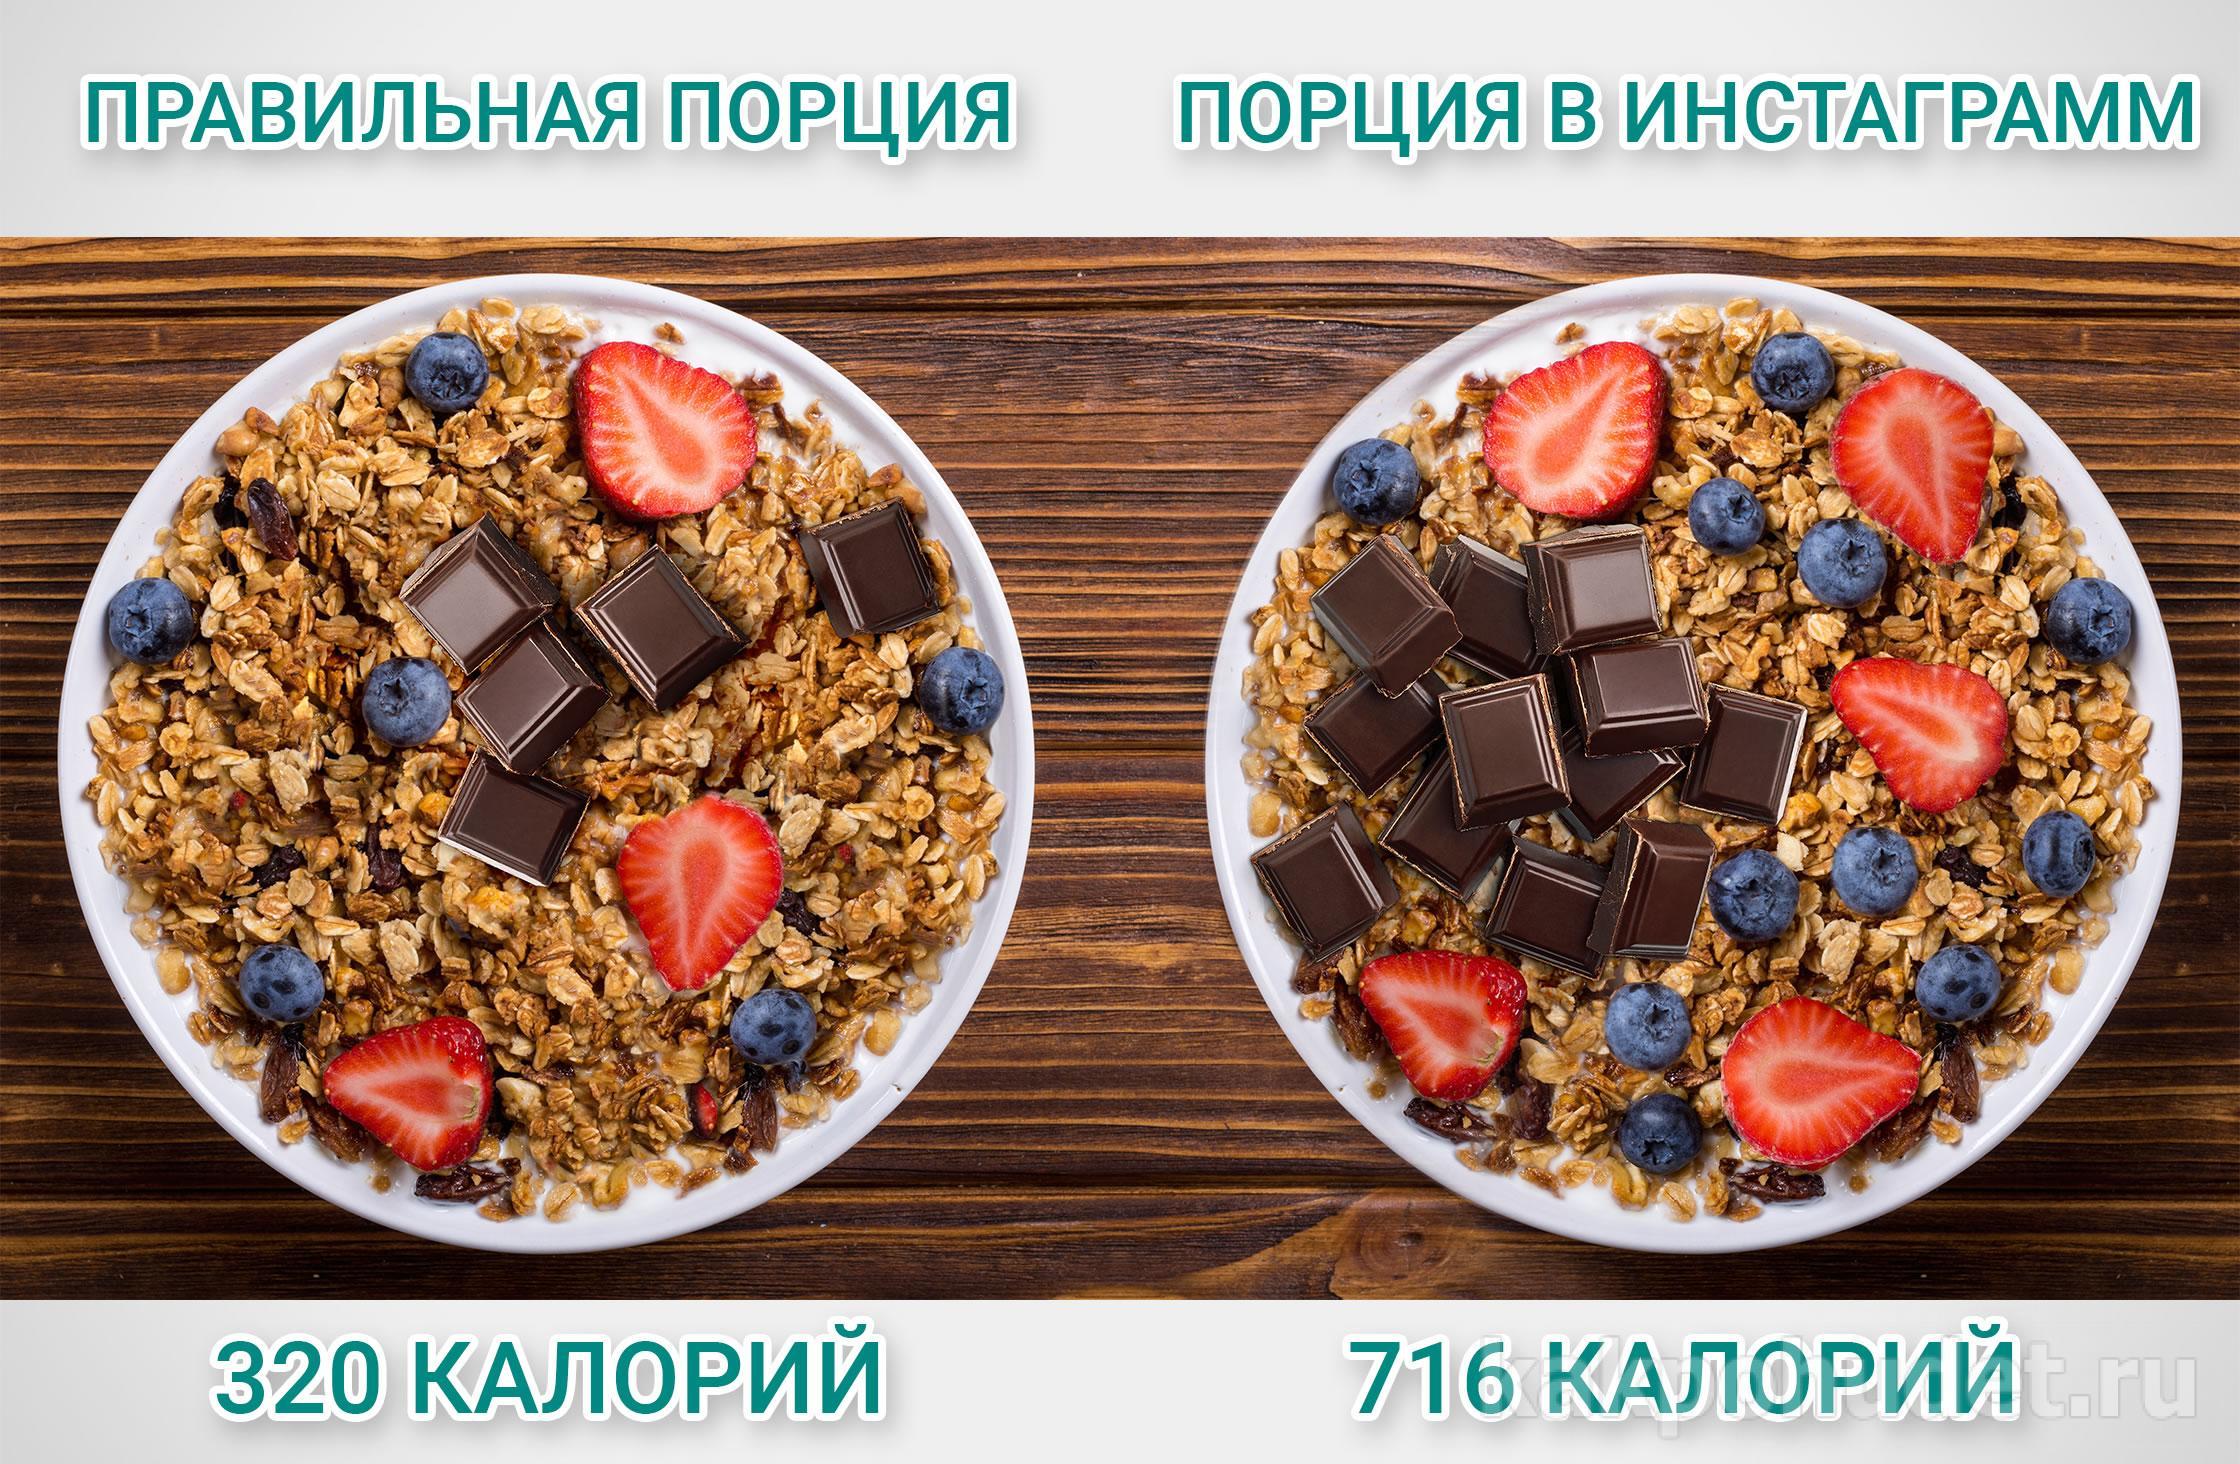 две порции одного и того же блюда